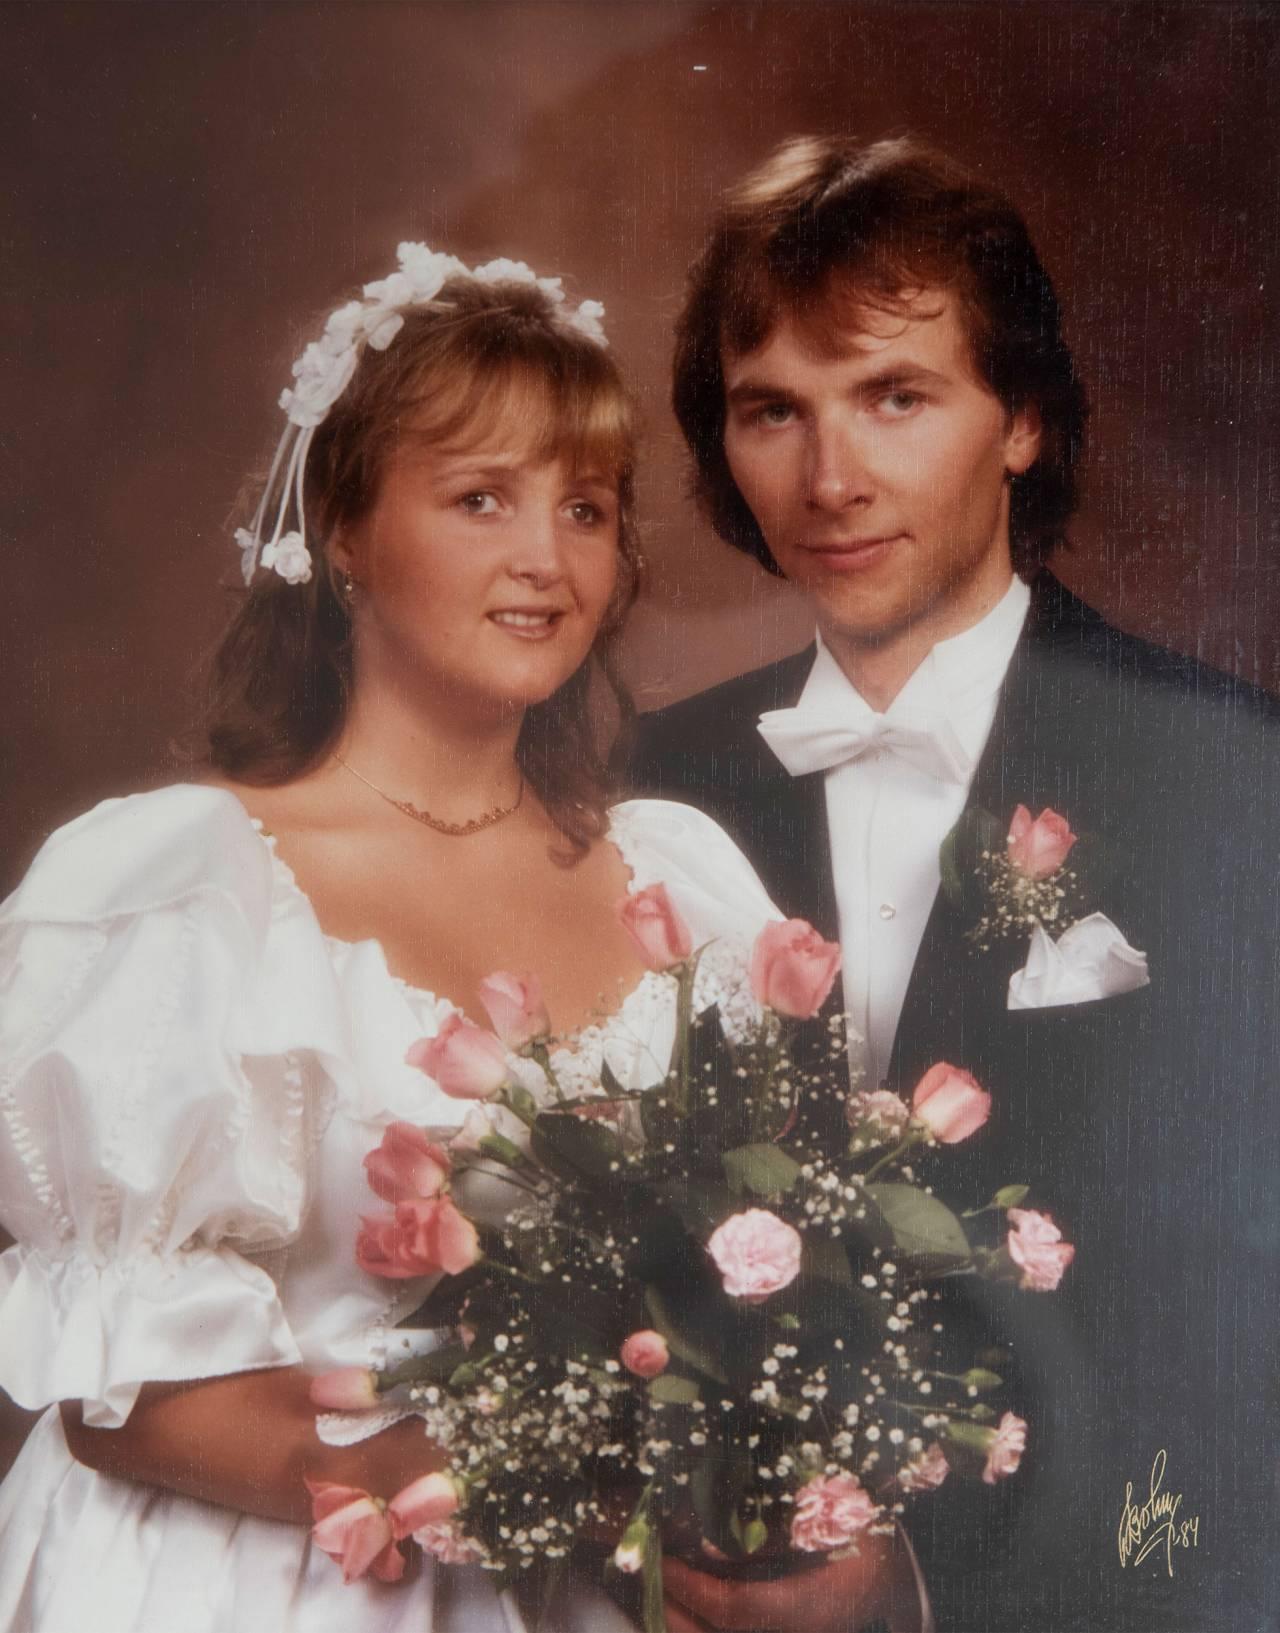 Äldre bröllopsbild på ett ungt par, Monicka och Sven som båda är synskadade.